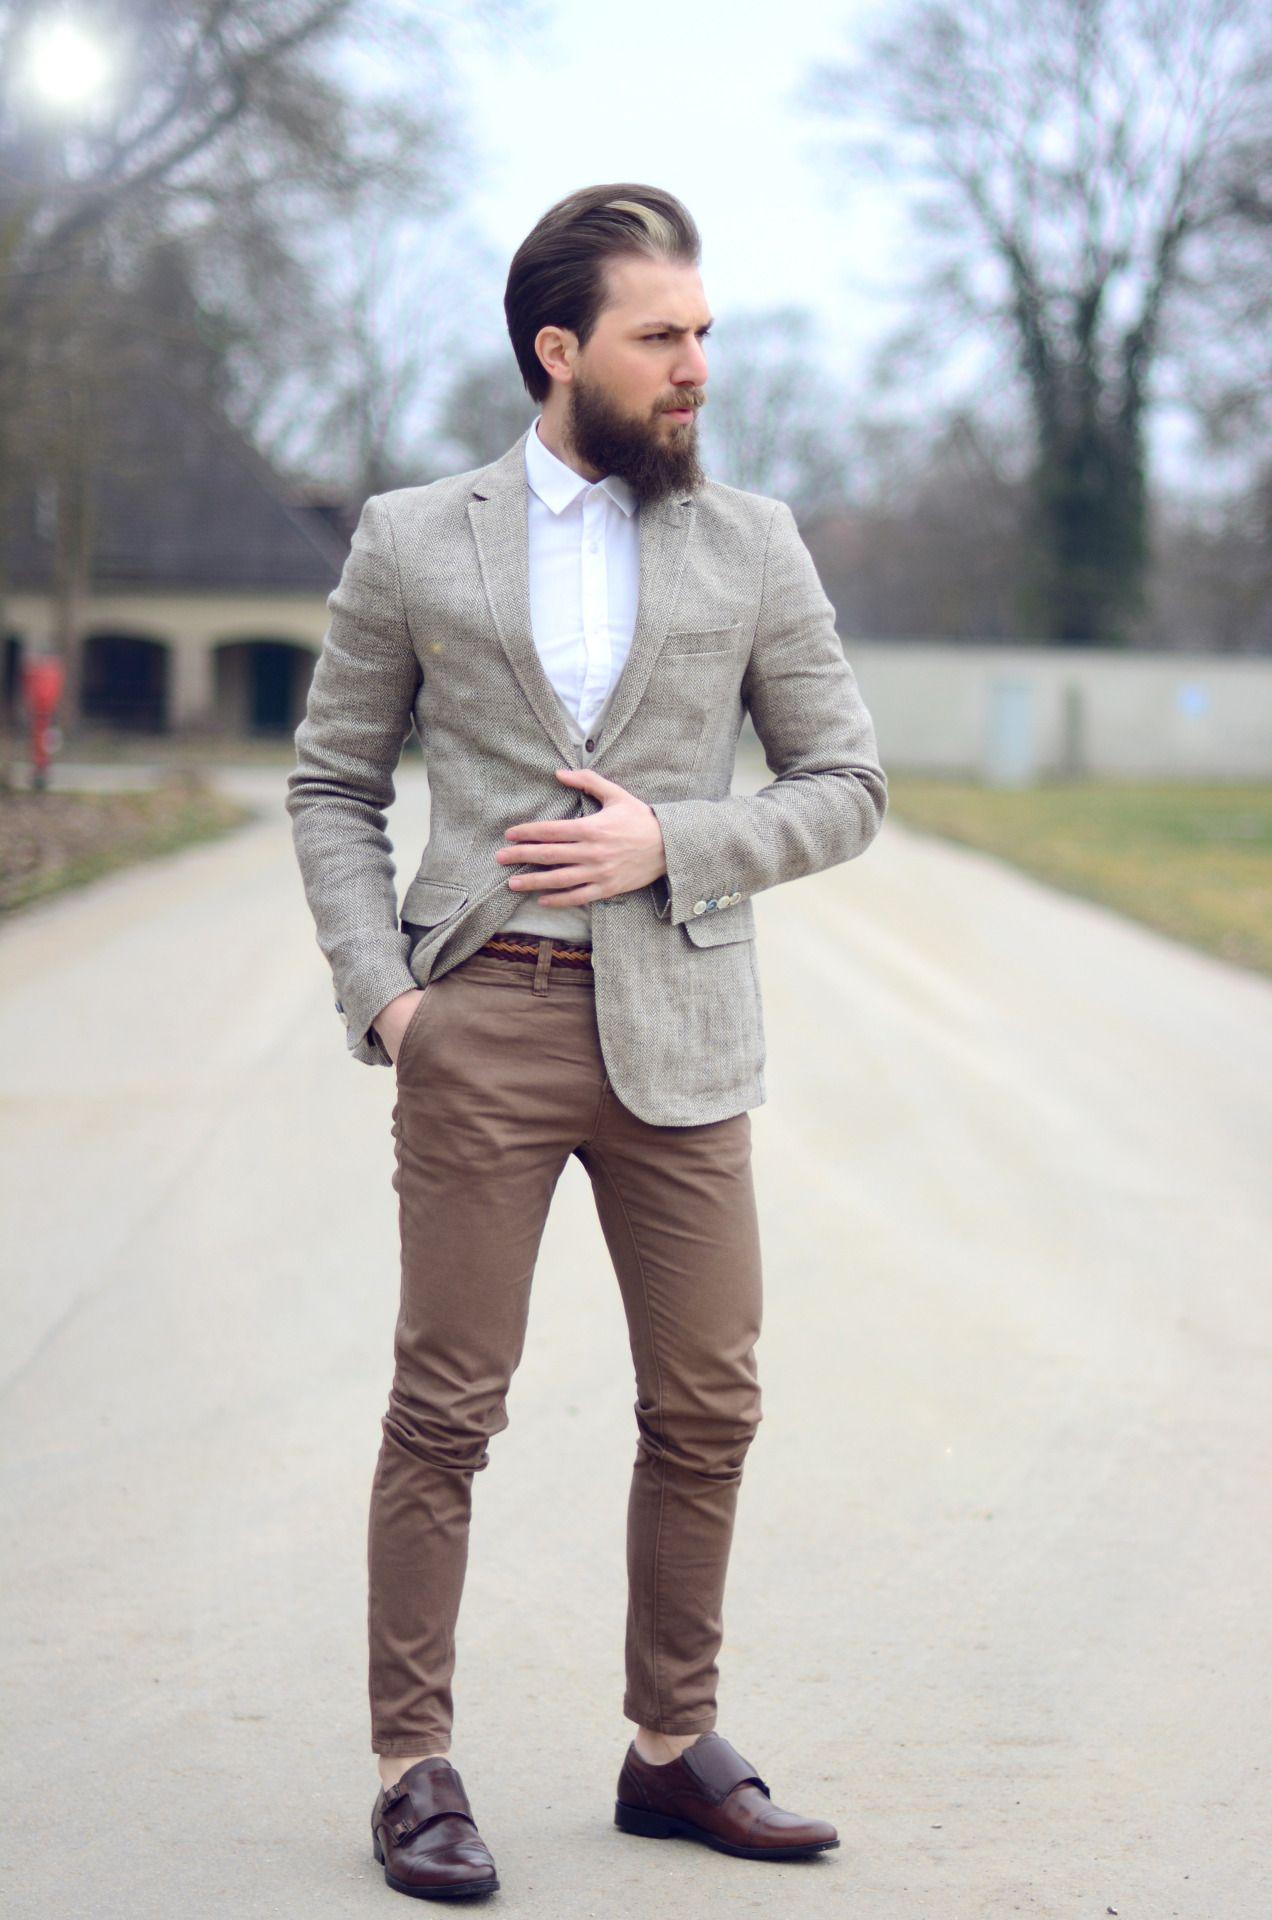 Fotos de hombres vestidos de elegante sport